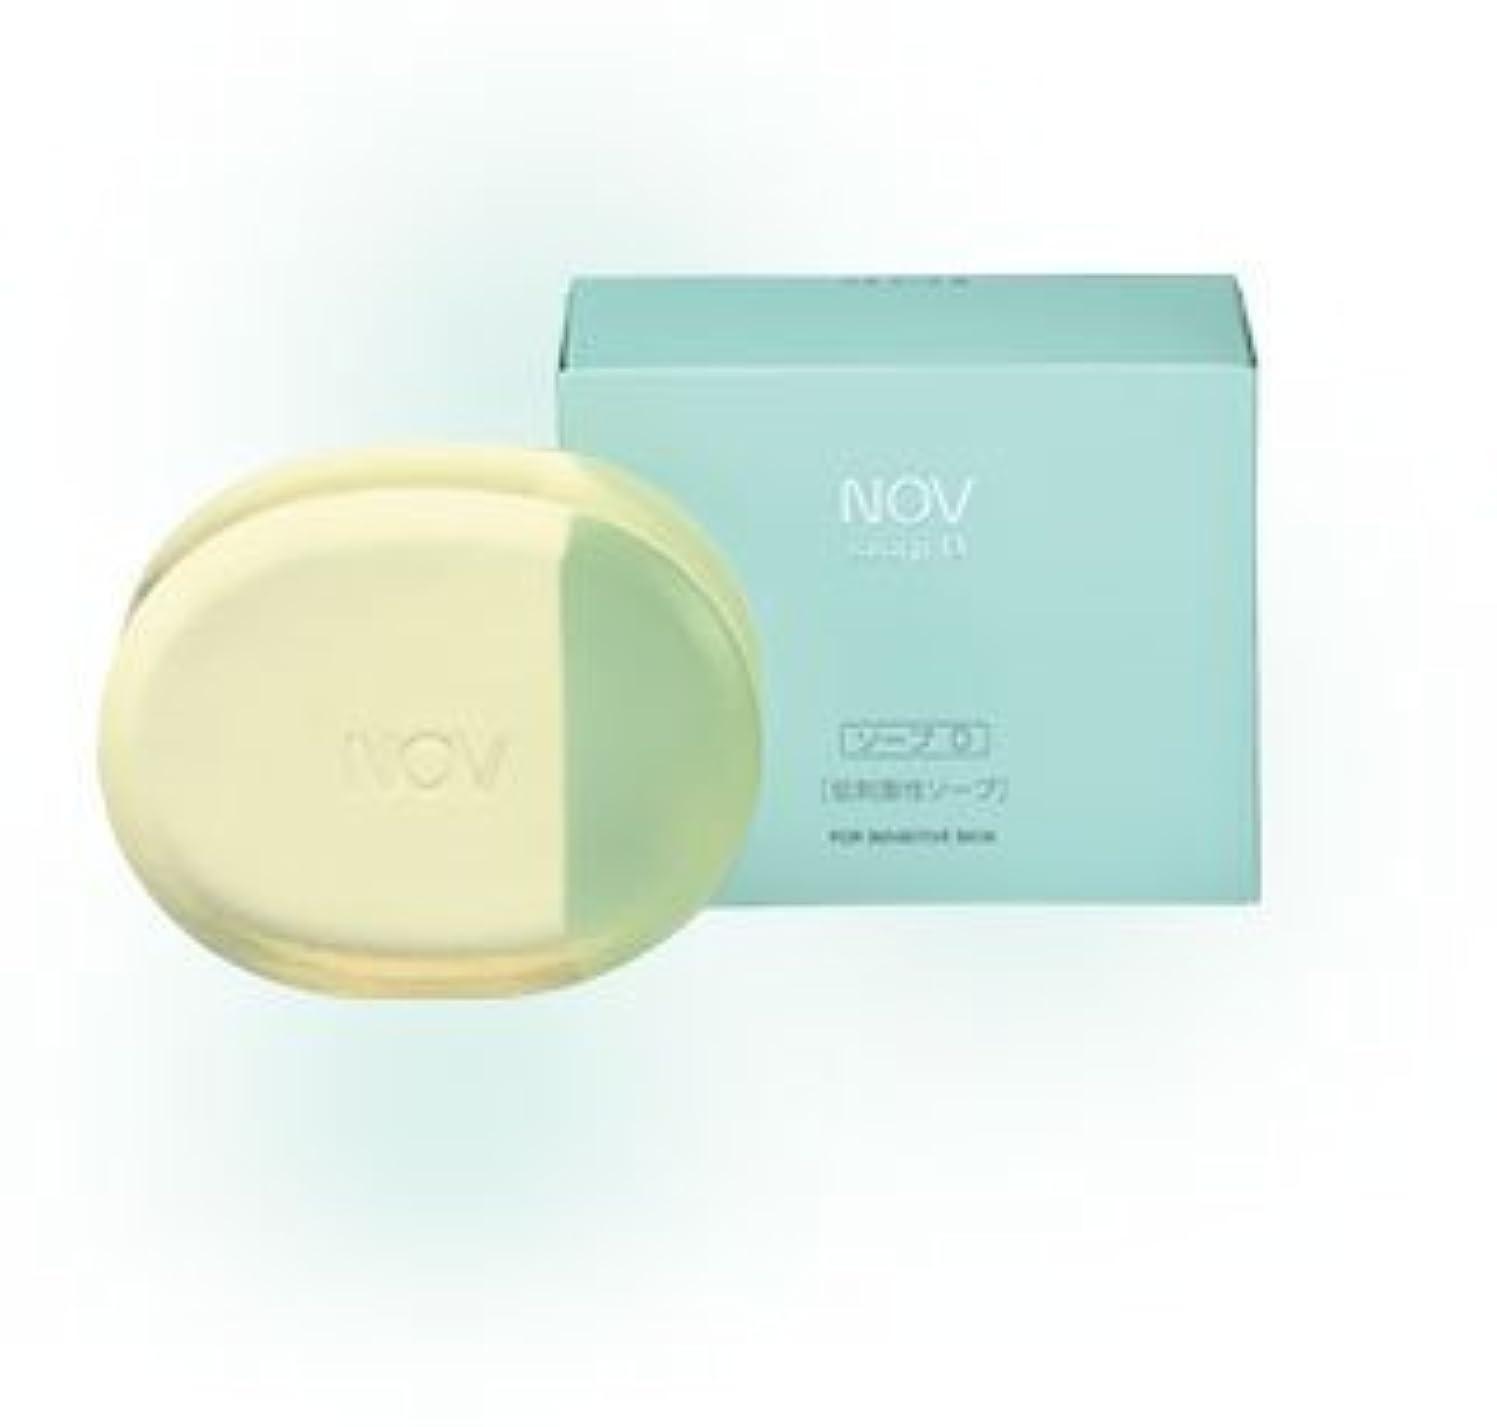 インフルエンザとても好むNOV ノブ ソープD 100g